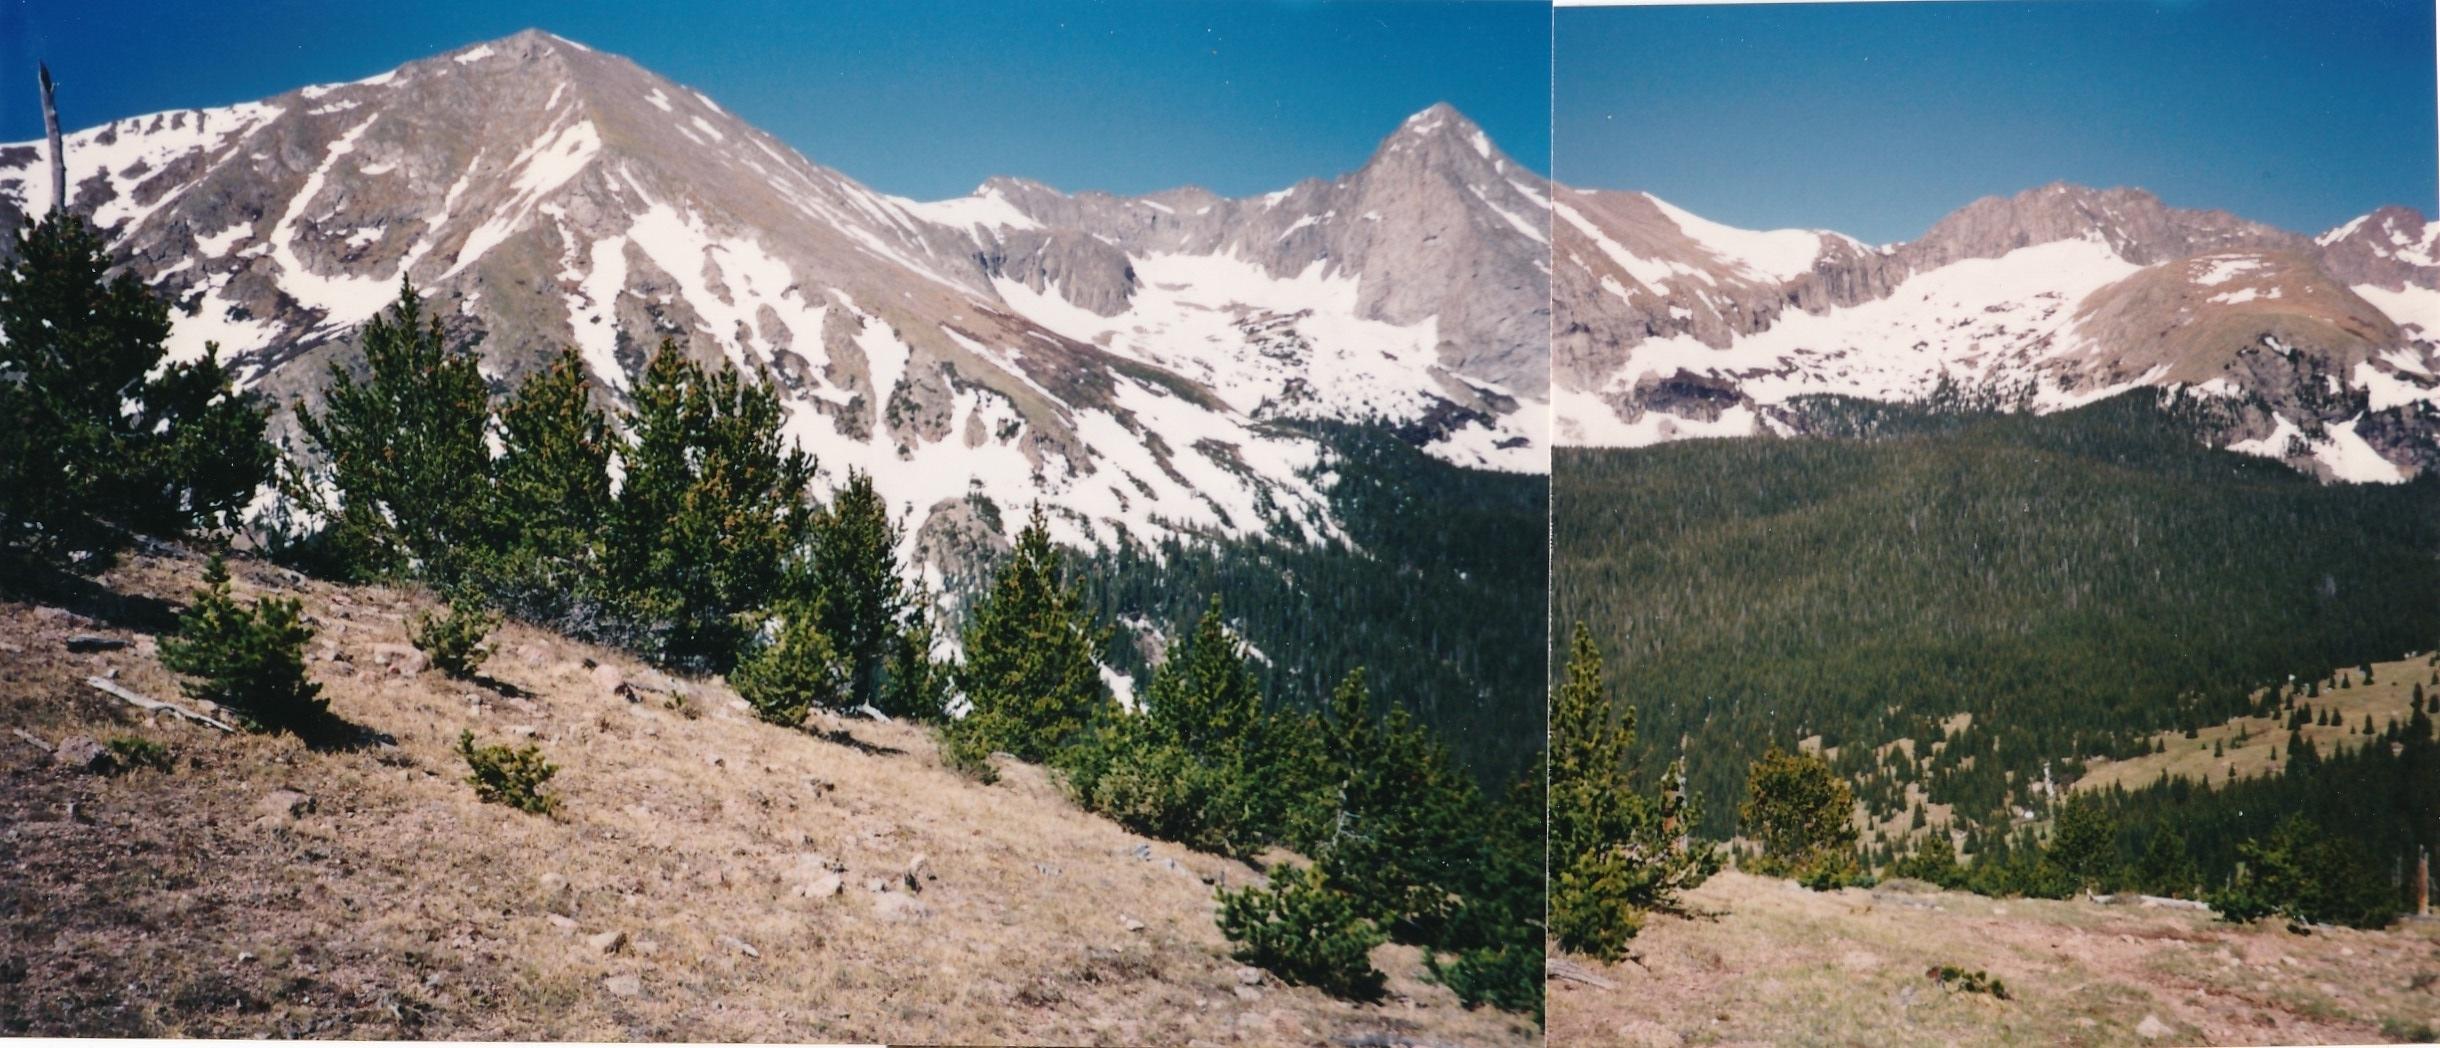 Tijeras Peak - 13,604